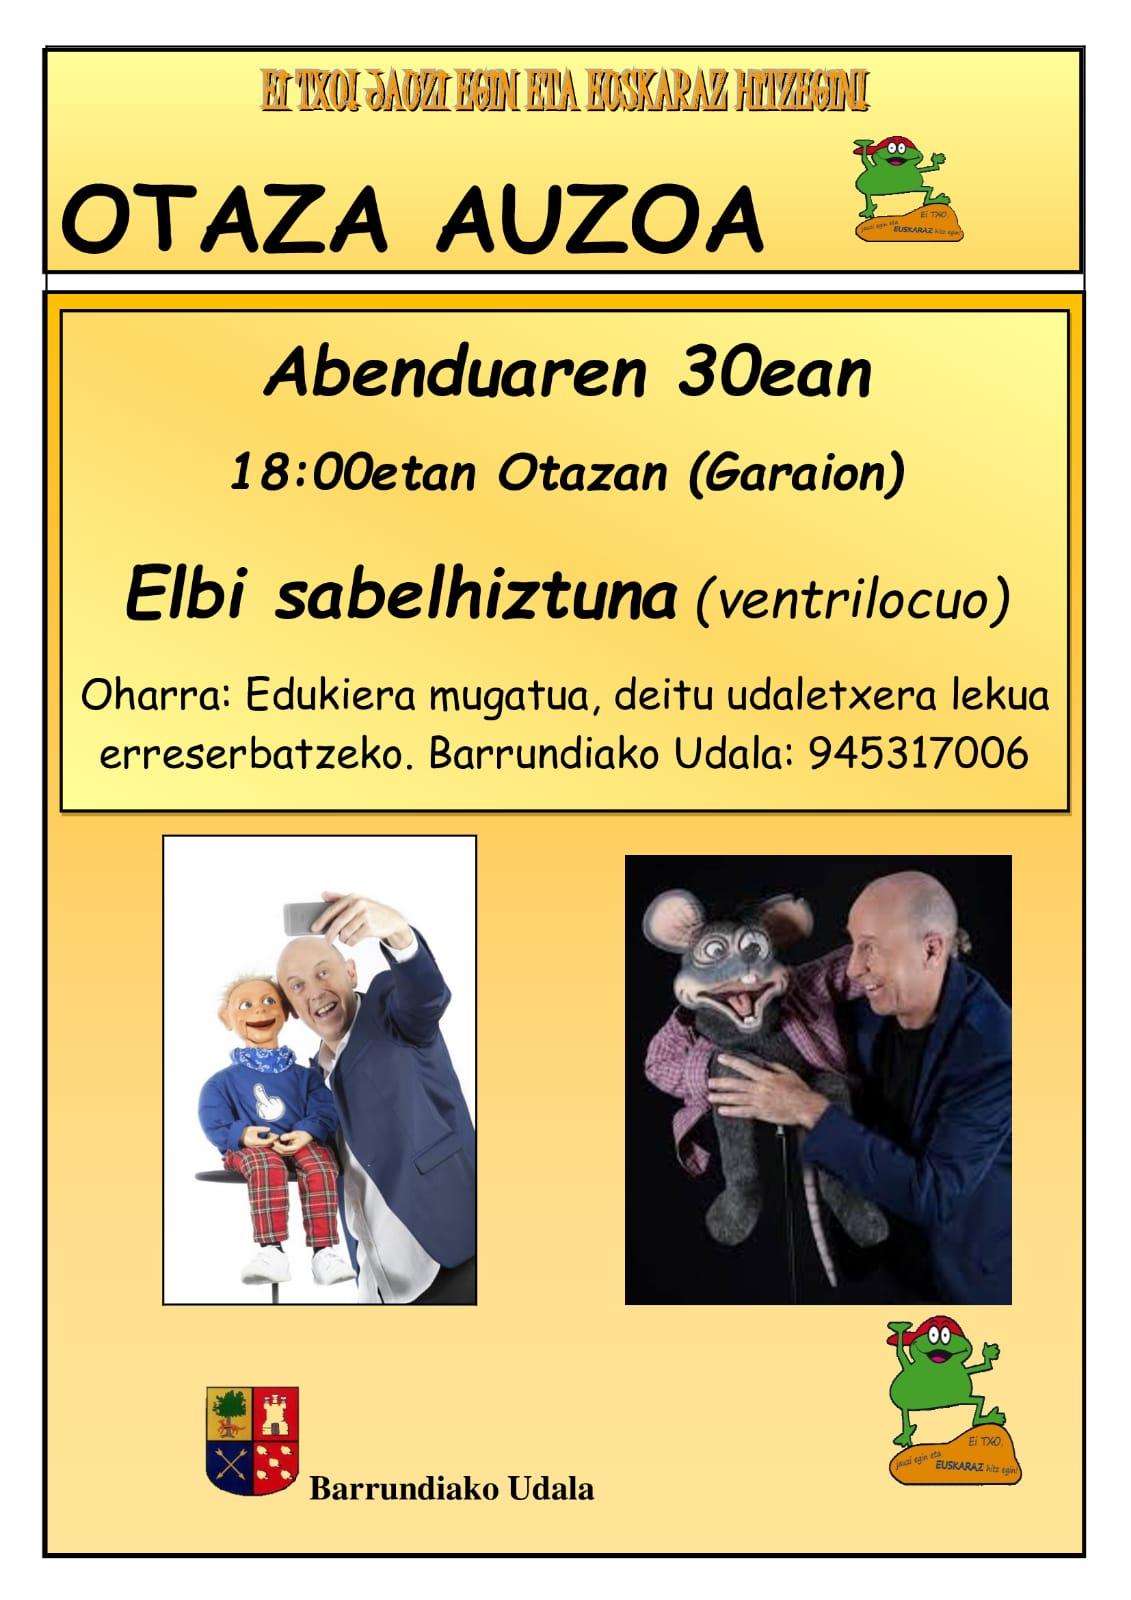 Ei Txo: Elbi Sabelhiztuna (ventrilocuo)